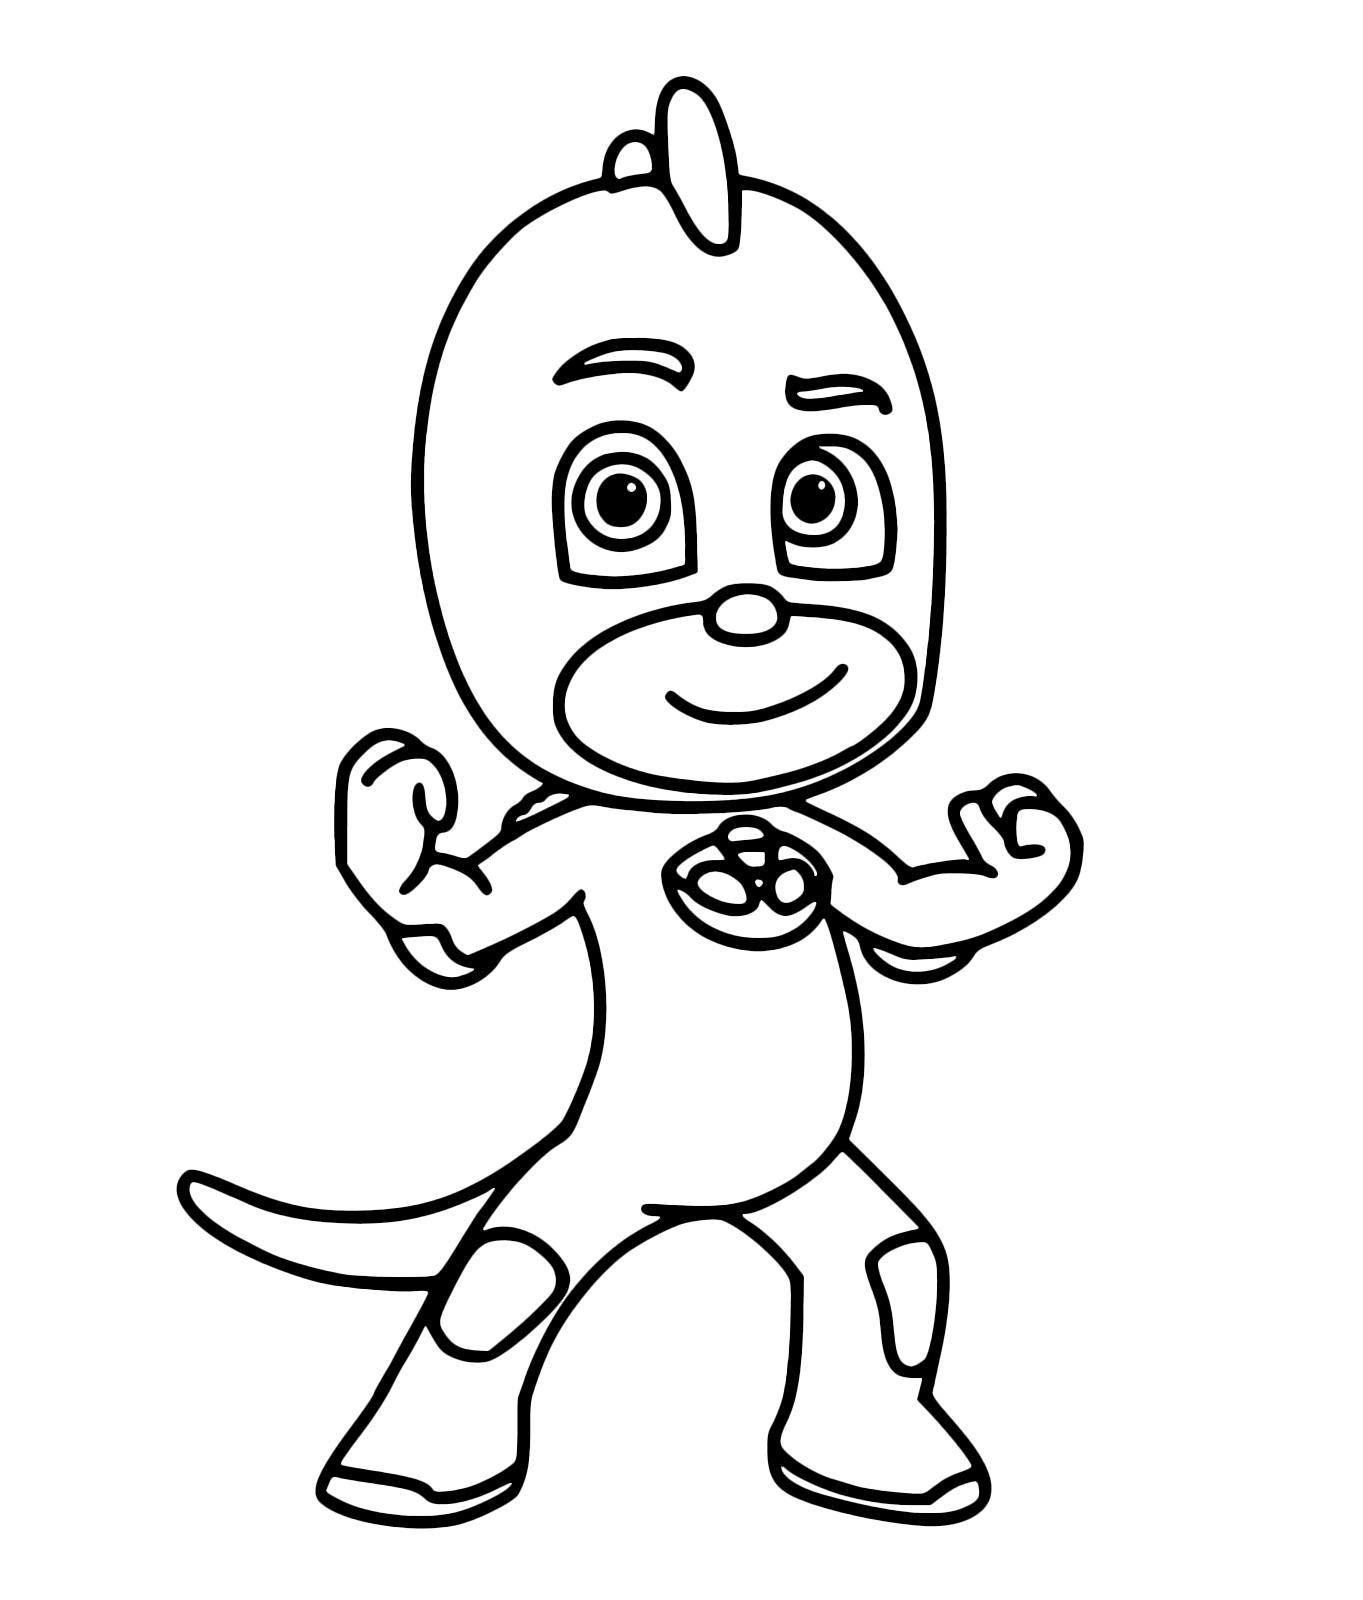 Pj masks super pigiamini geco fa vedere tutta la sua forza for Immagini dei super pigiamini da colorare